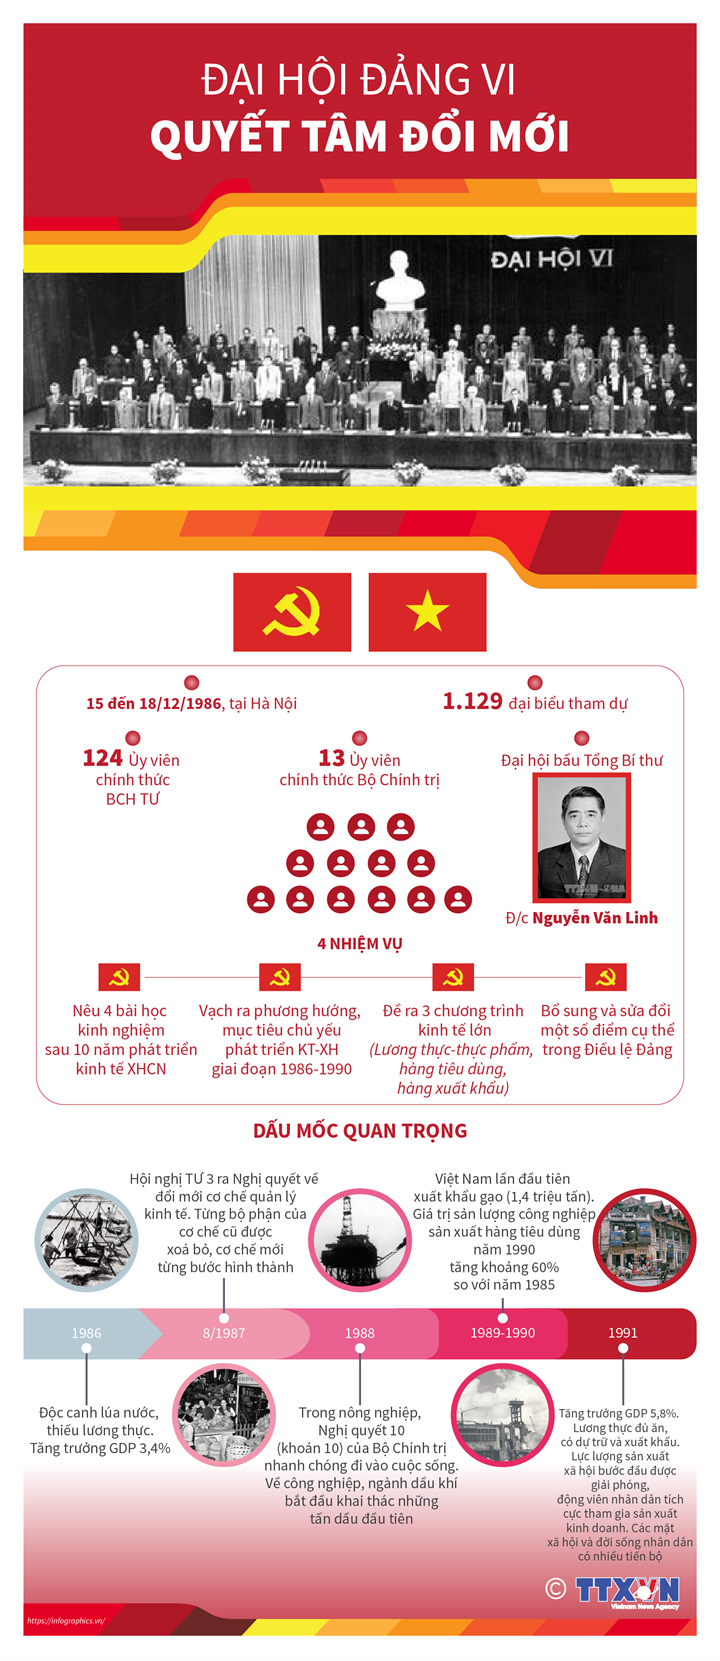 Đại hội Đảng VI: Quyết tâm đổi mới